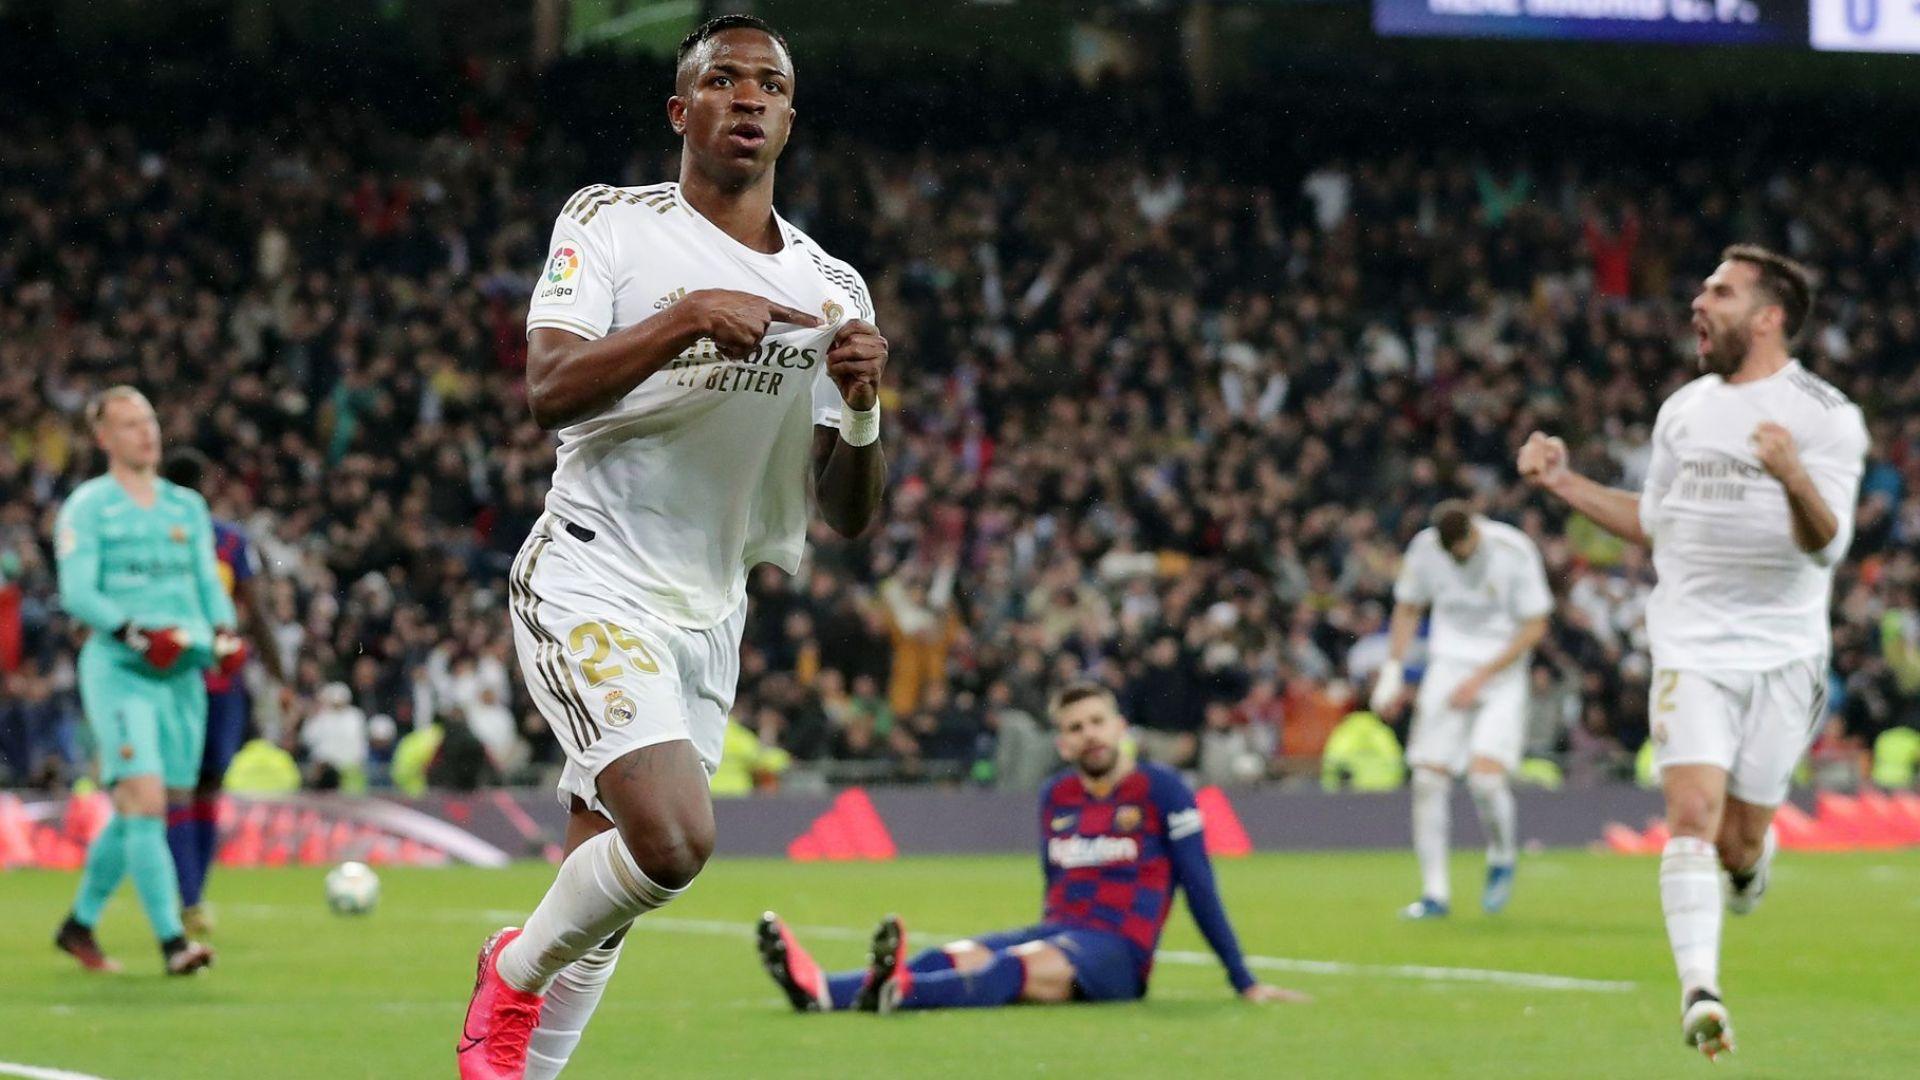 Футбол по телевизията (шампионска ли ще е вечерта за Реал?)